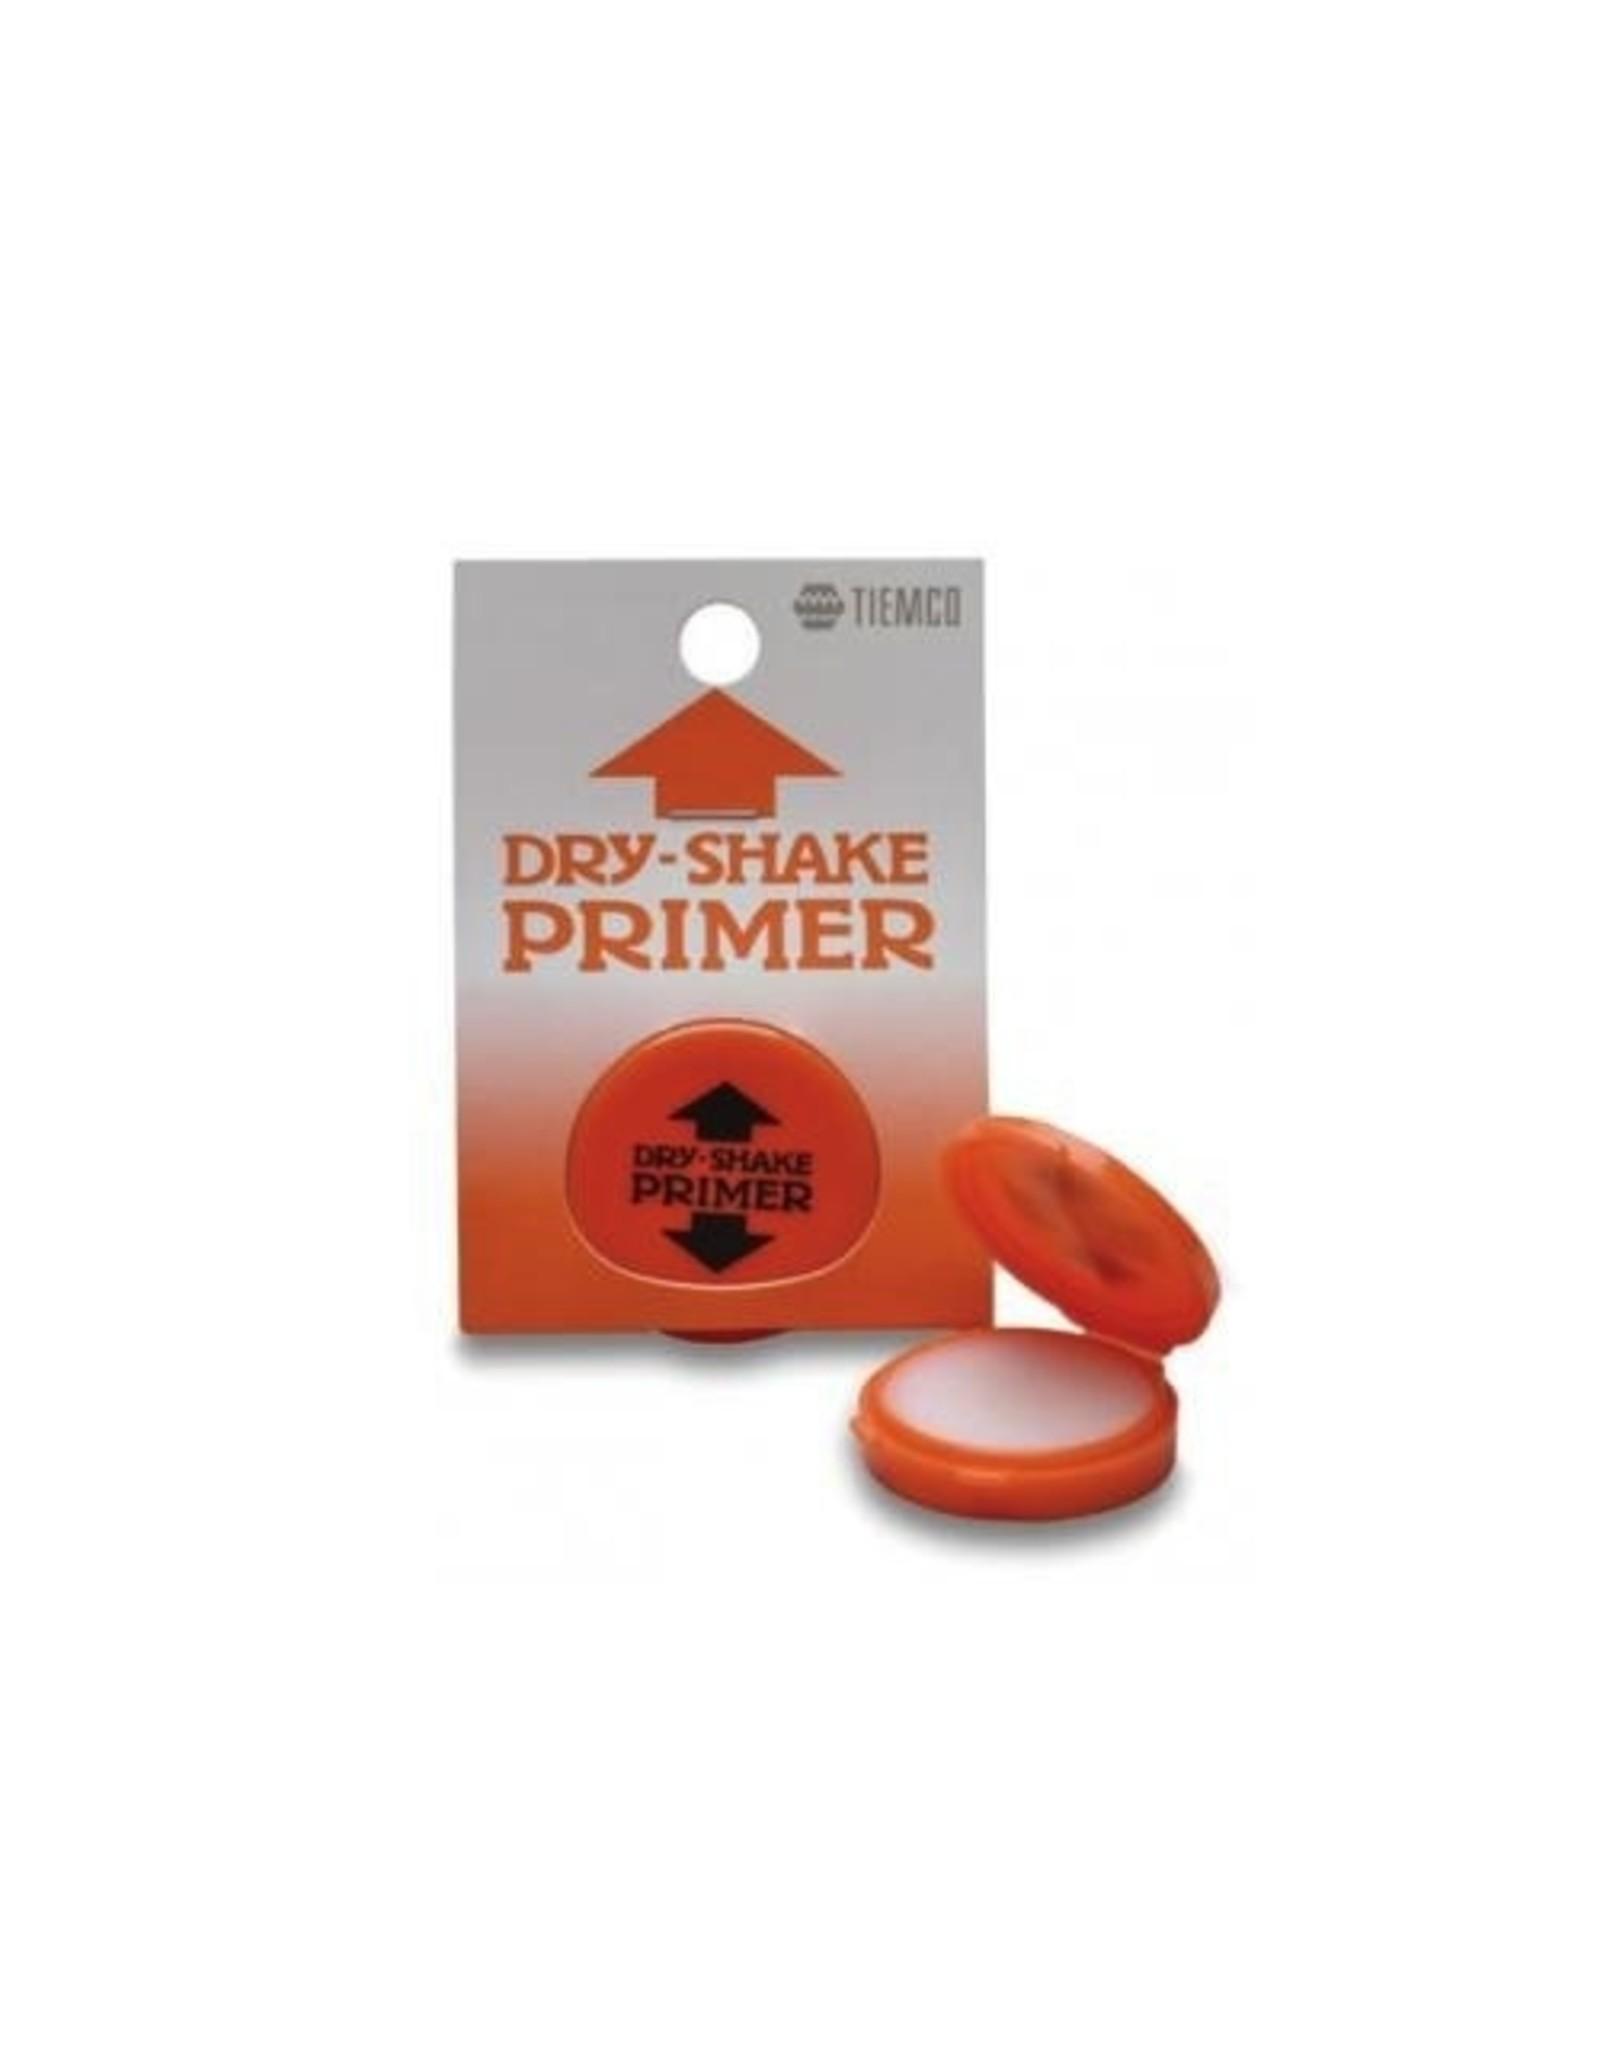 Umpqua Umpqua Tiemco Dry Shake Primer